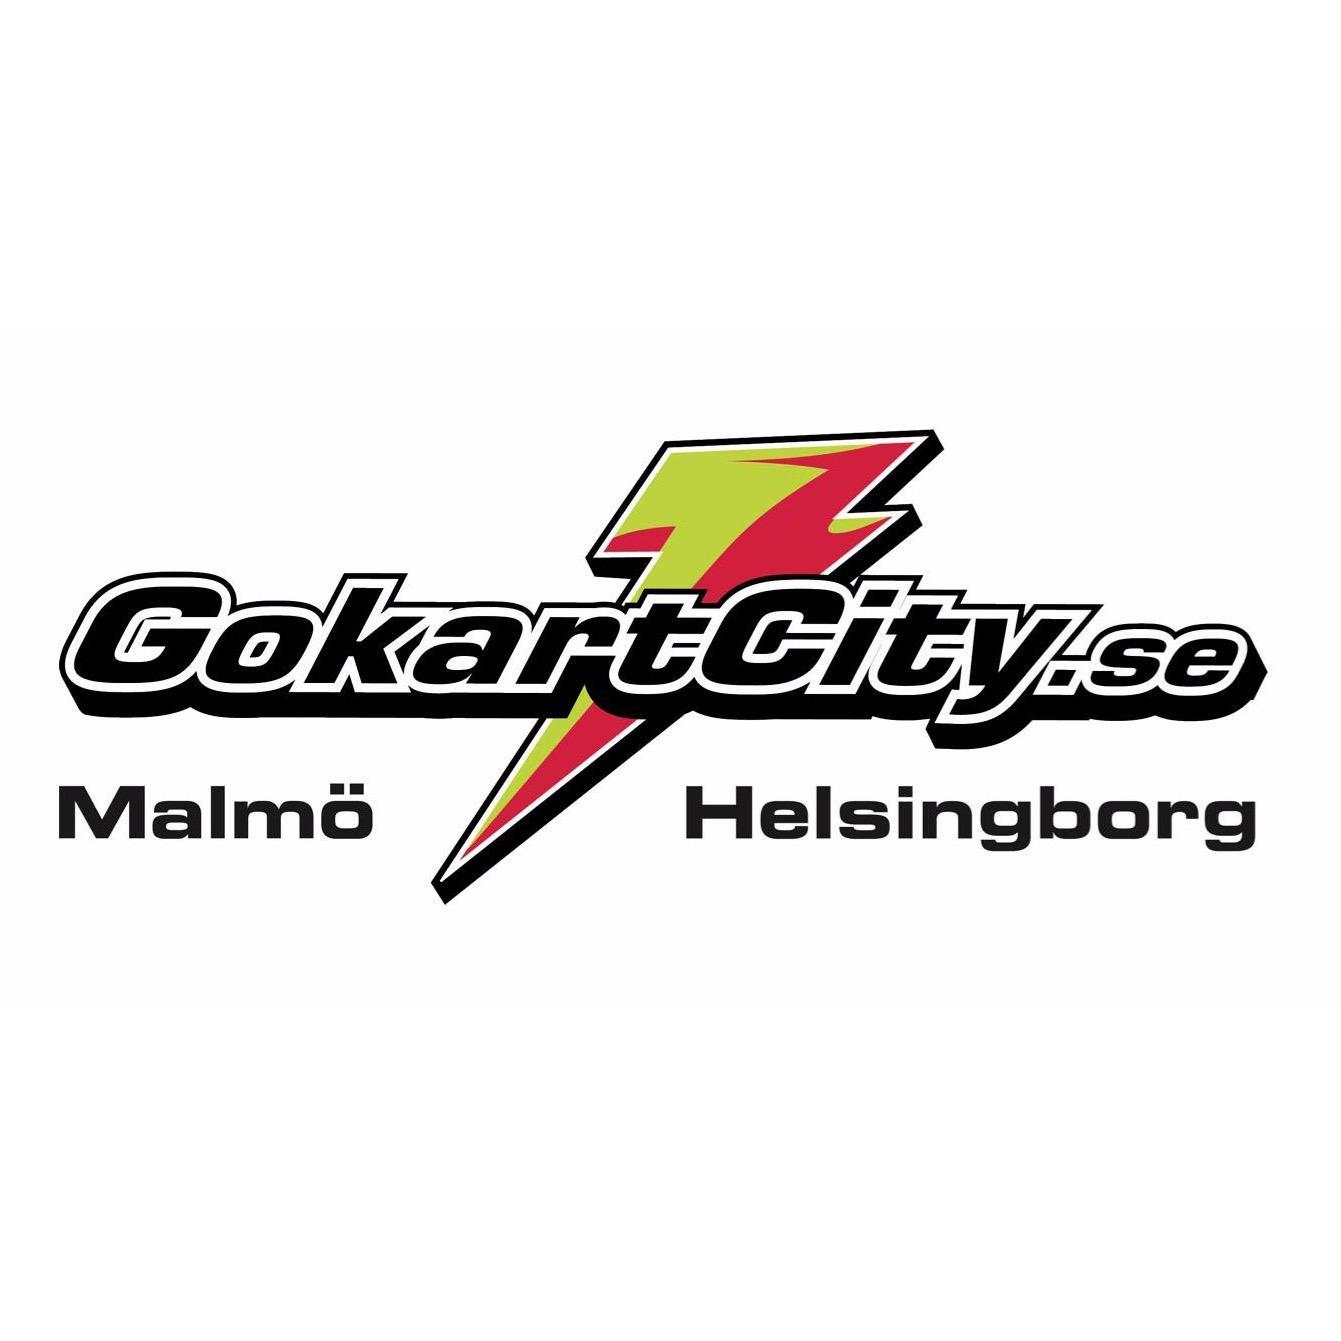 Go Kart City Malmö AB